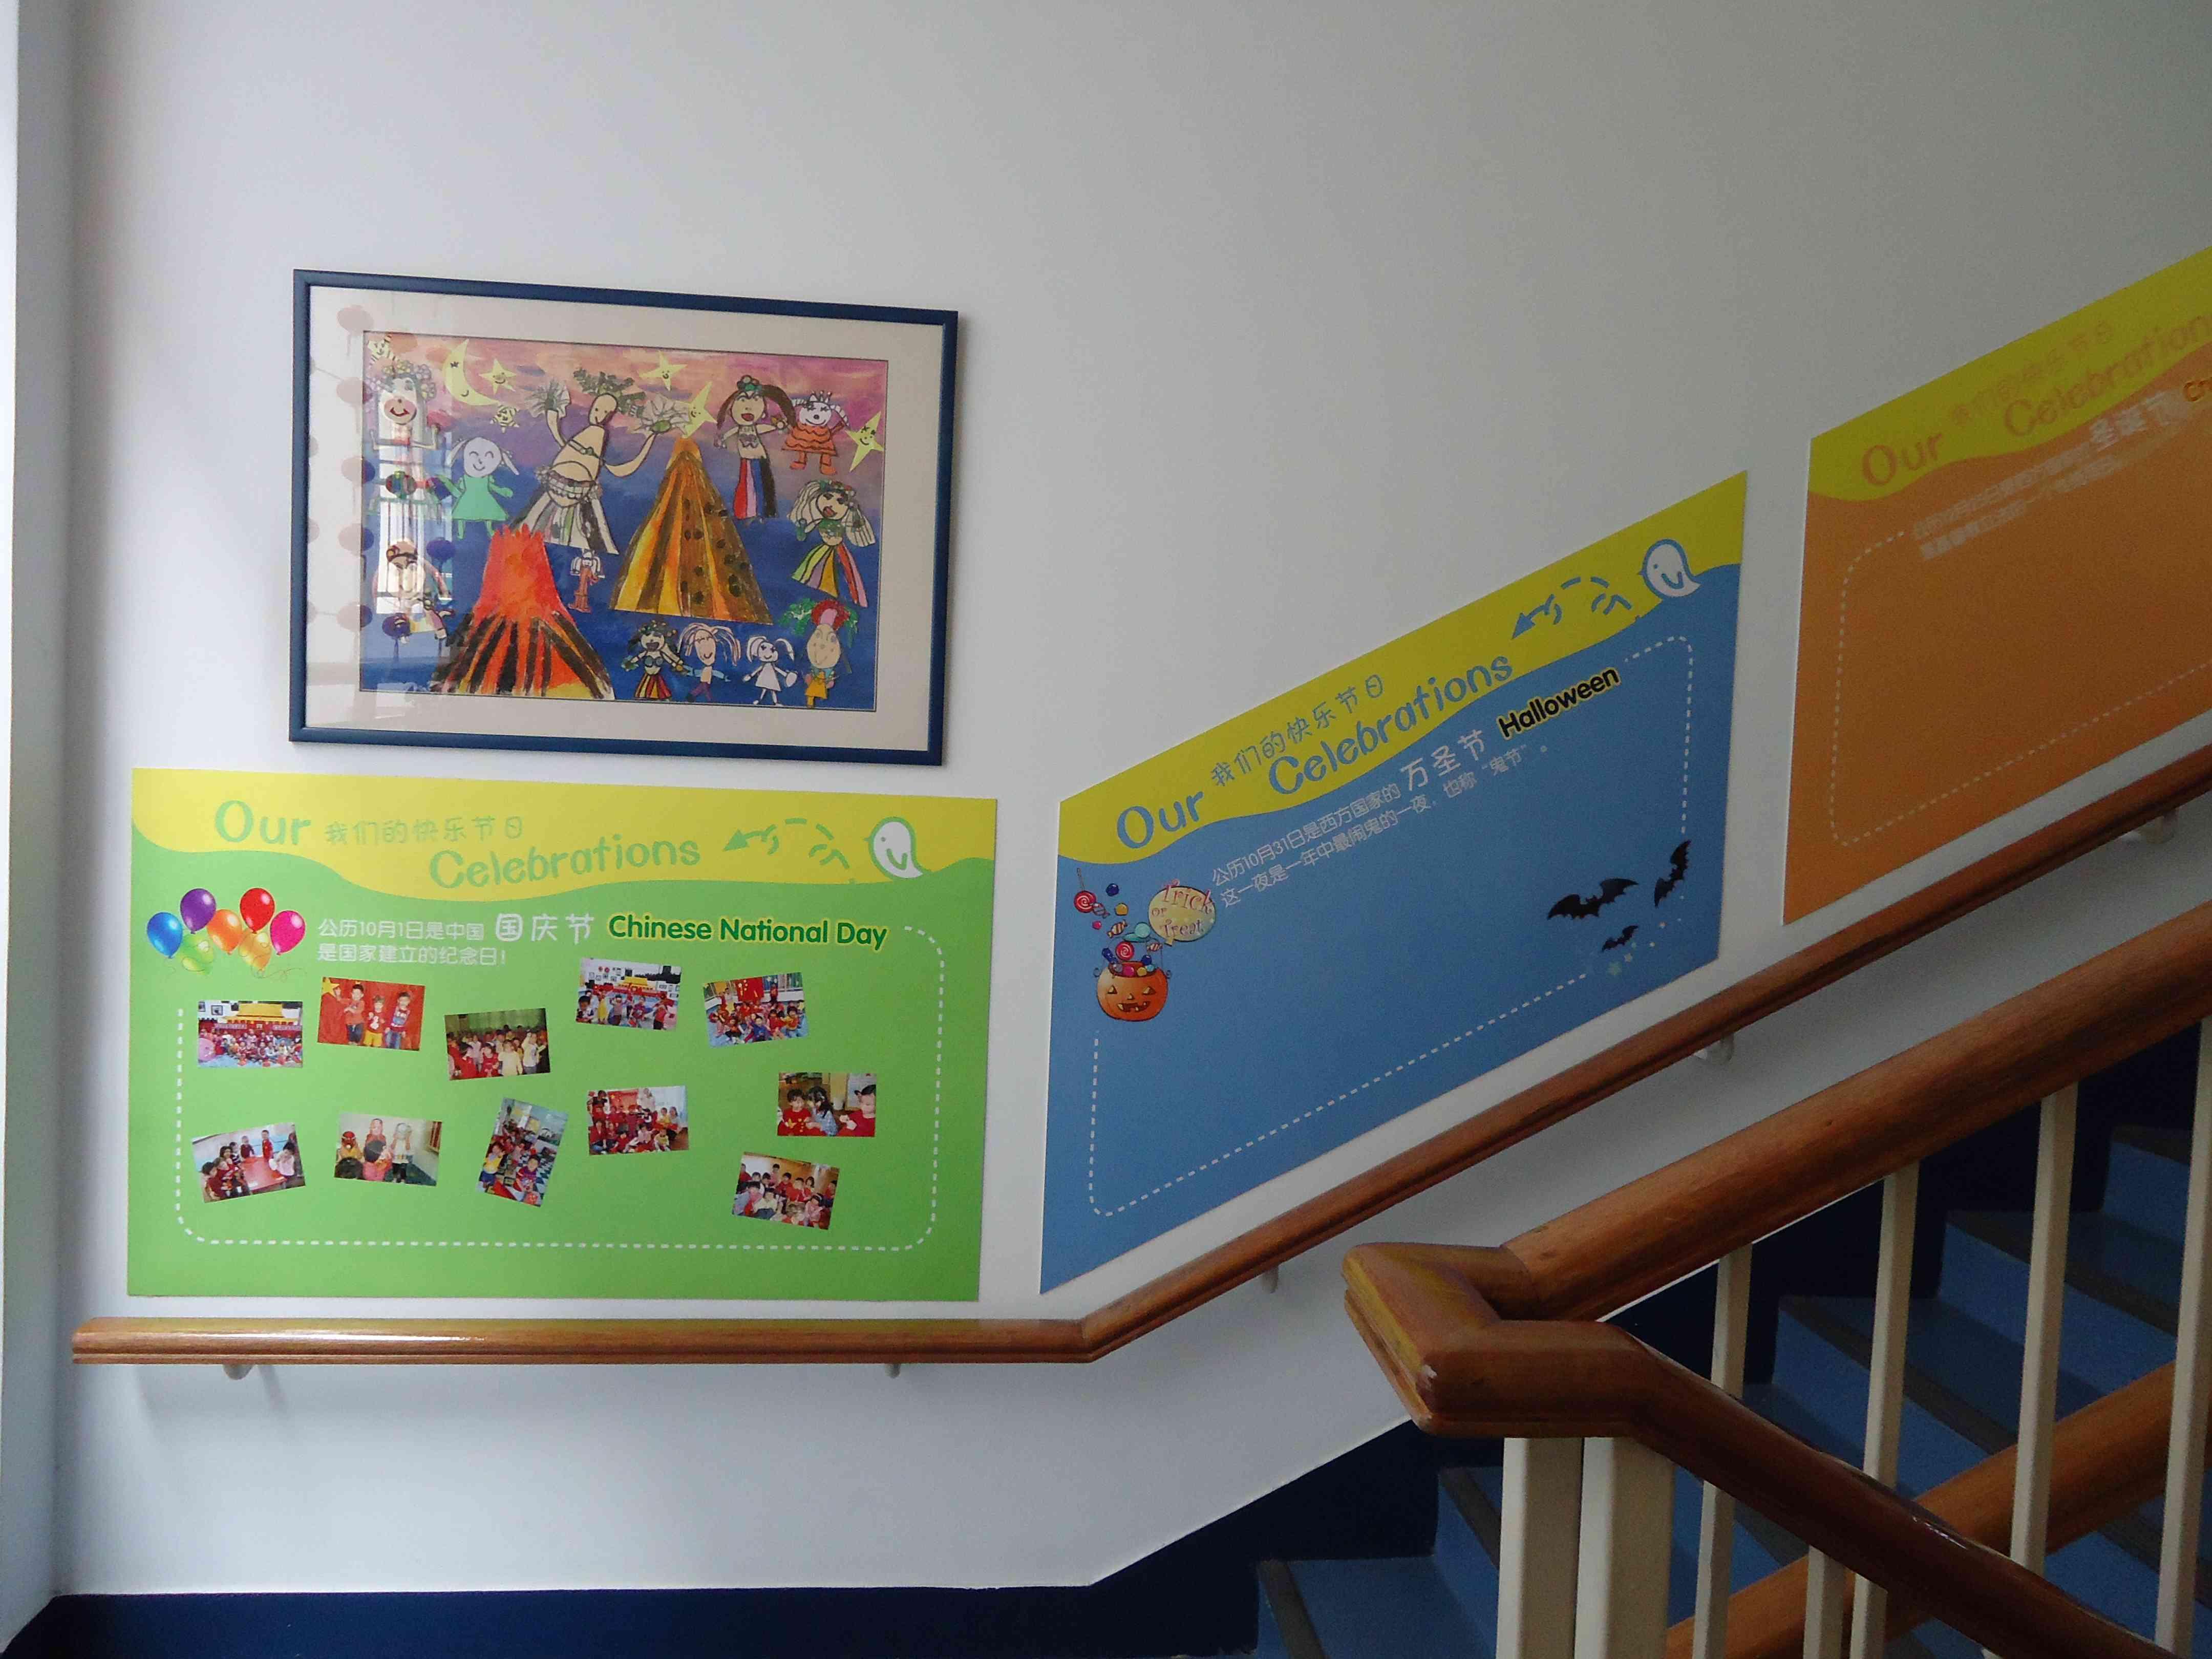 幼儿园楼梯墙面布置 幼儿园楼梯墙面设计要点